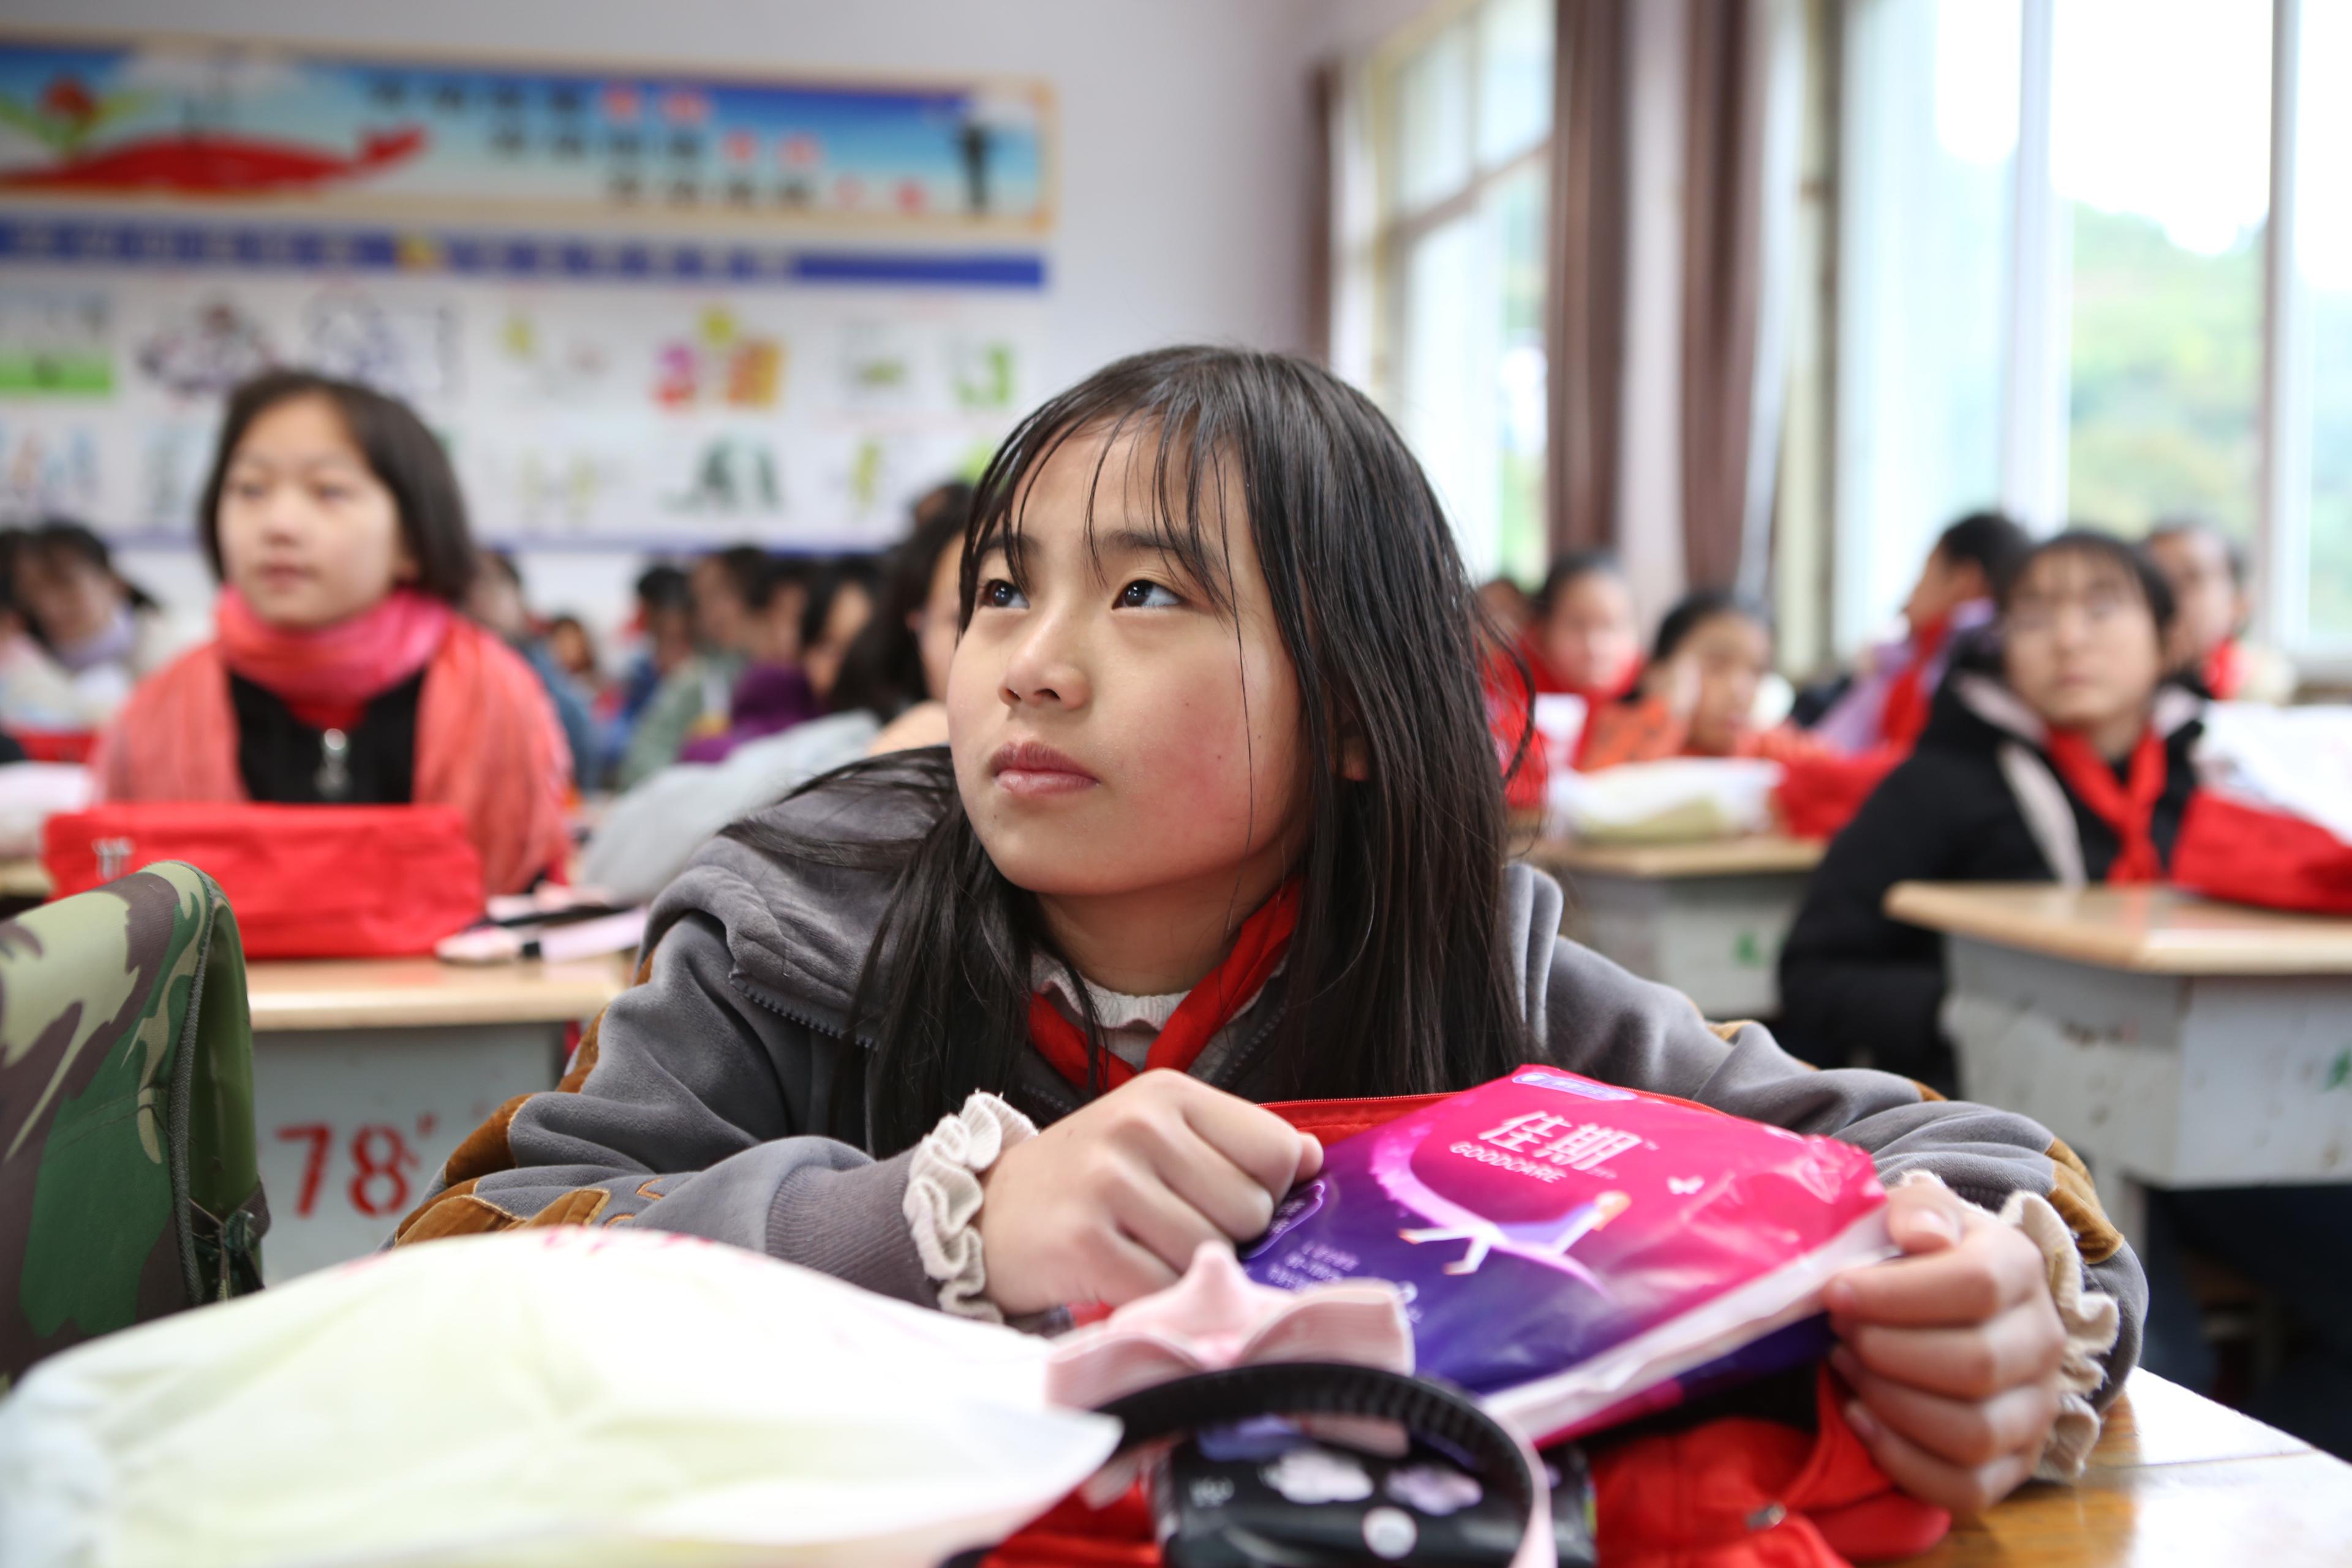 佳期公益:携手守护女孩成长未来